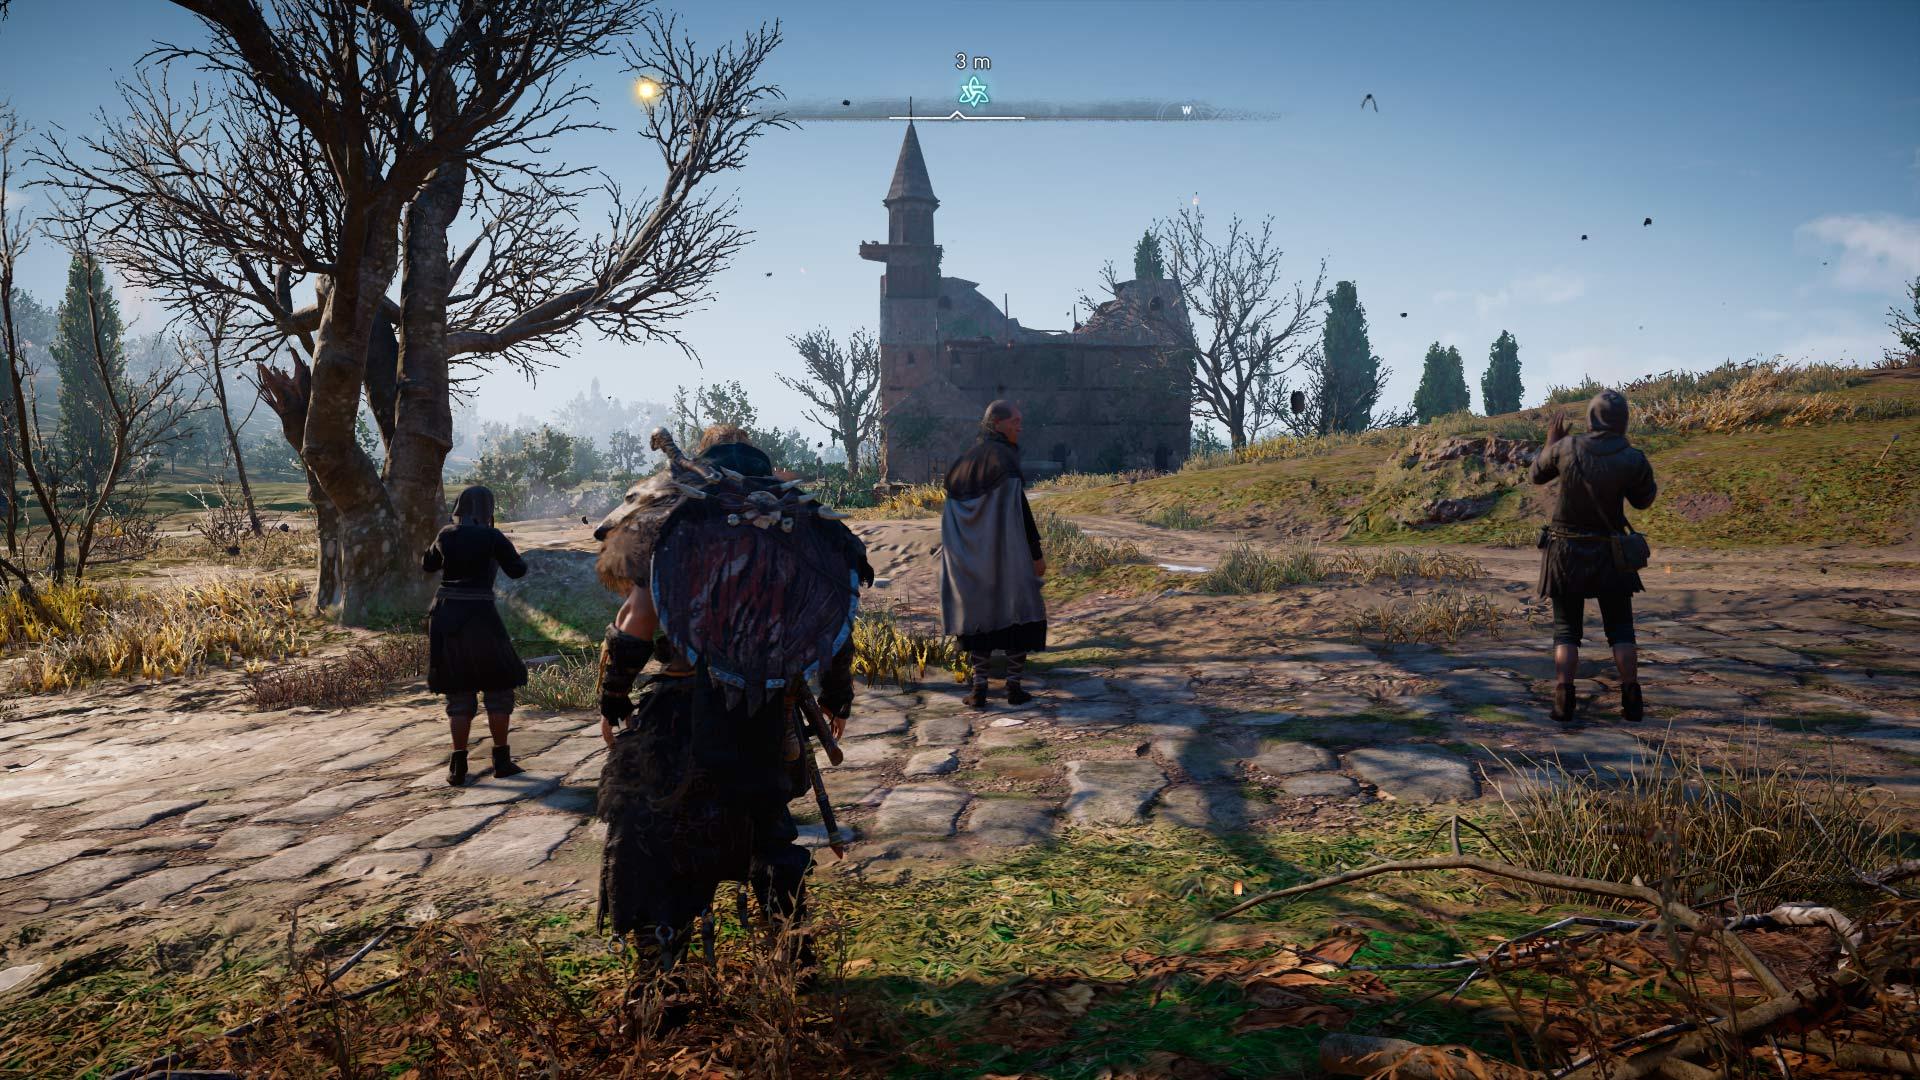 El fantasma de San Germán en Assassin's Creed Valhalla